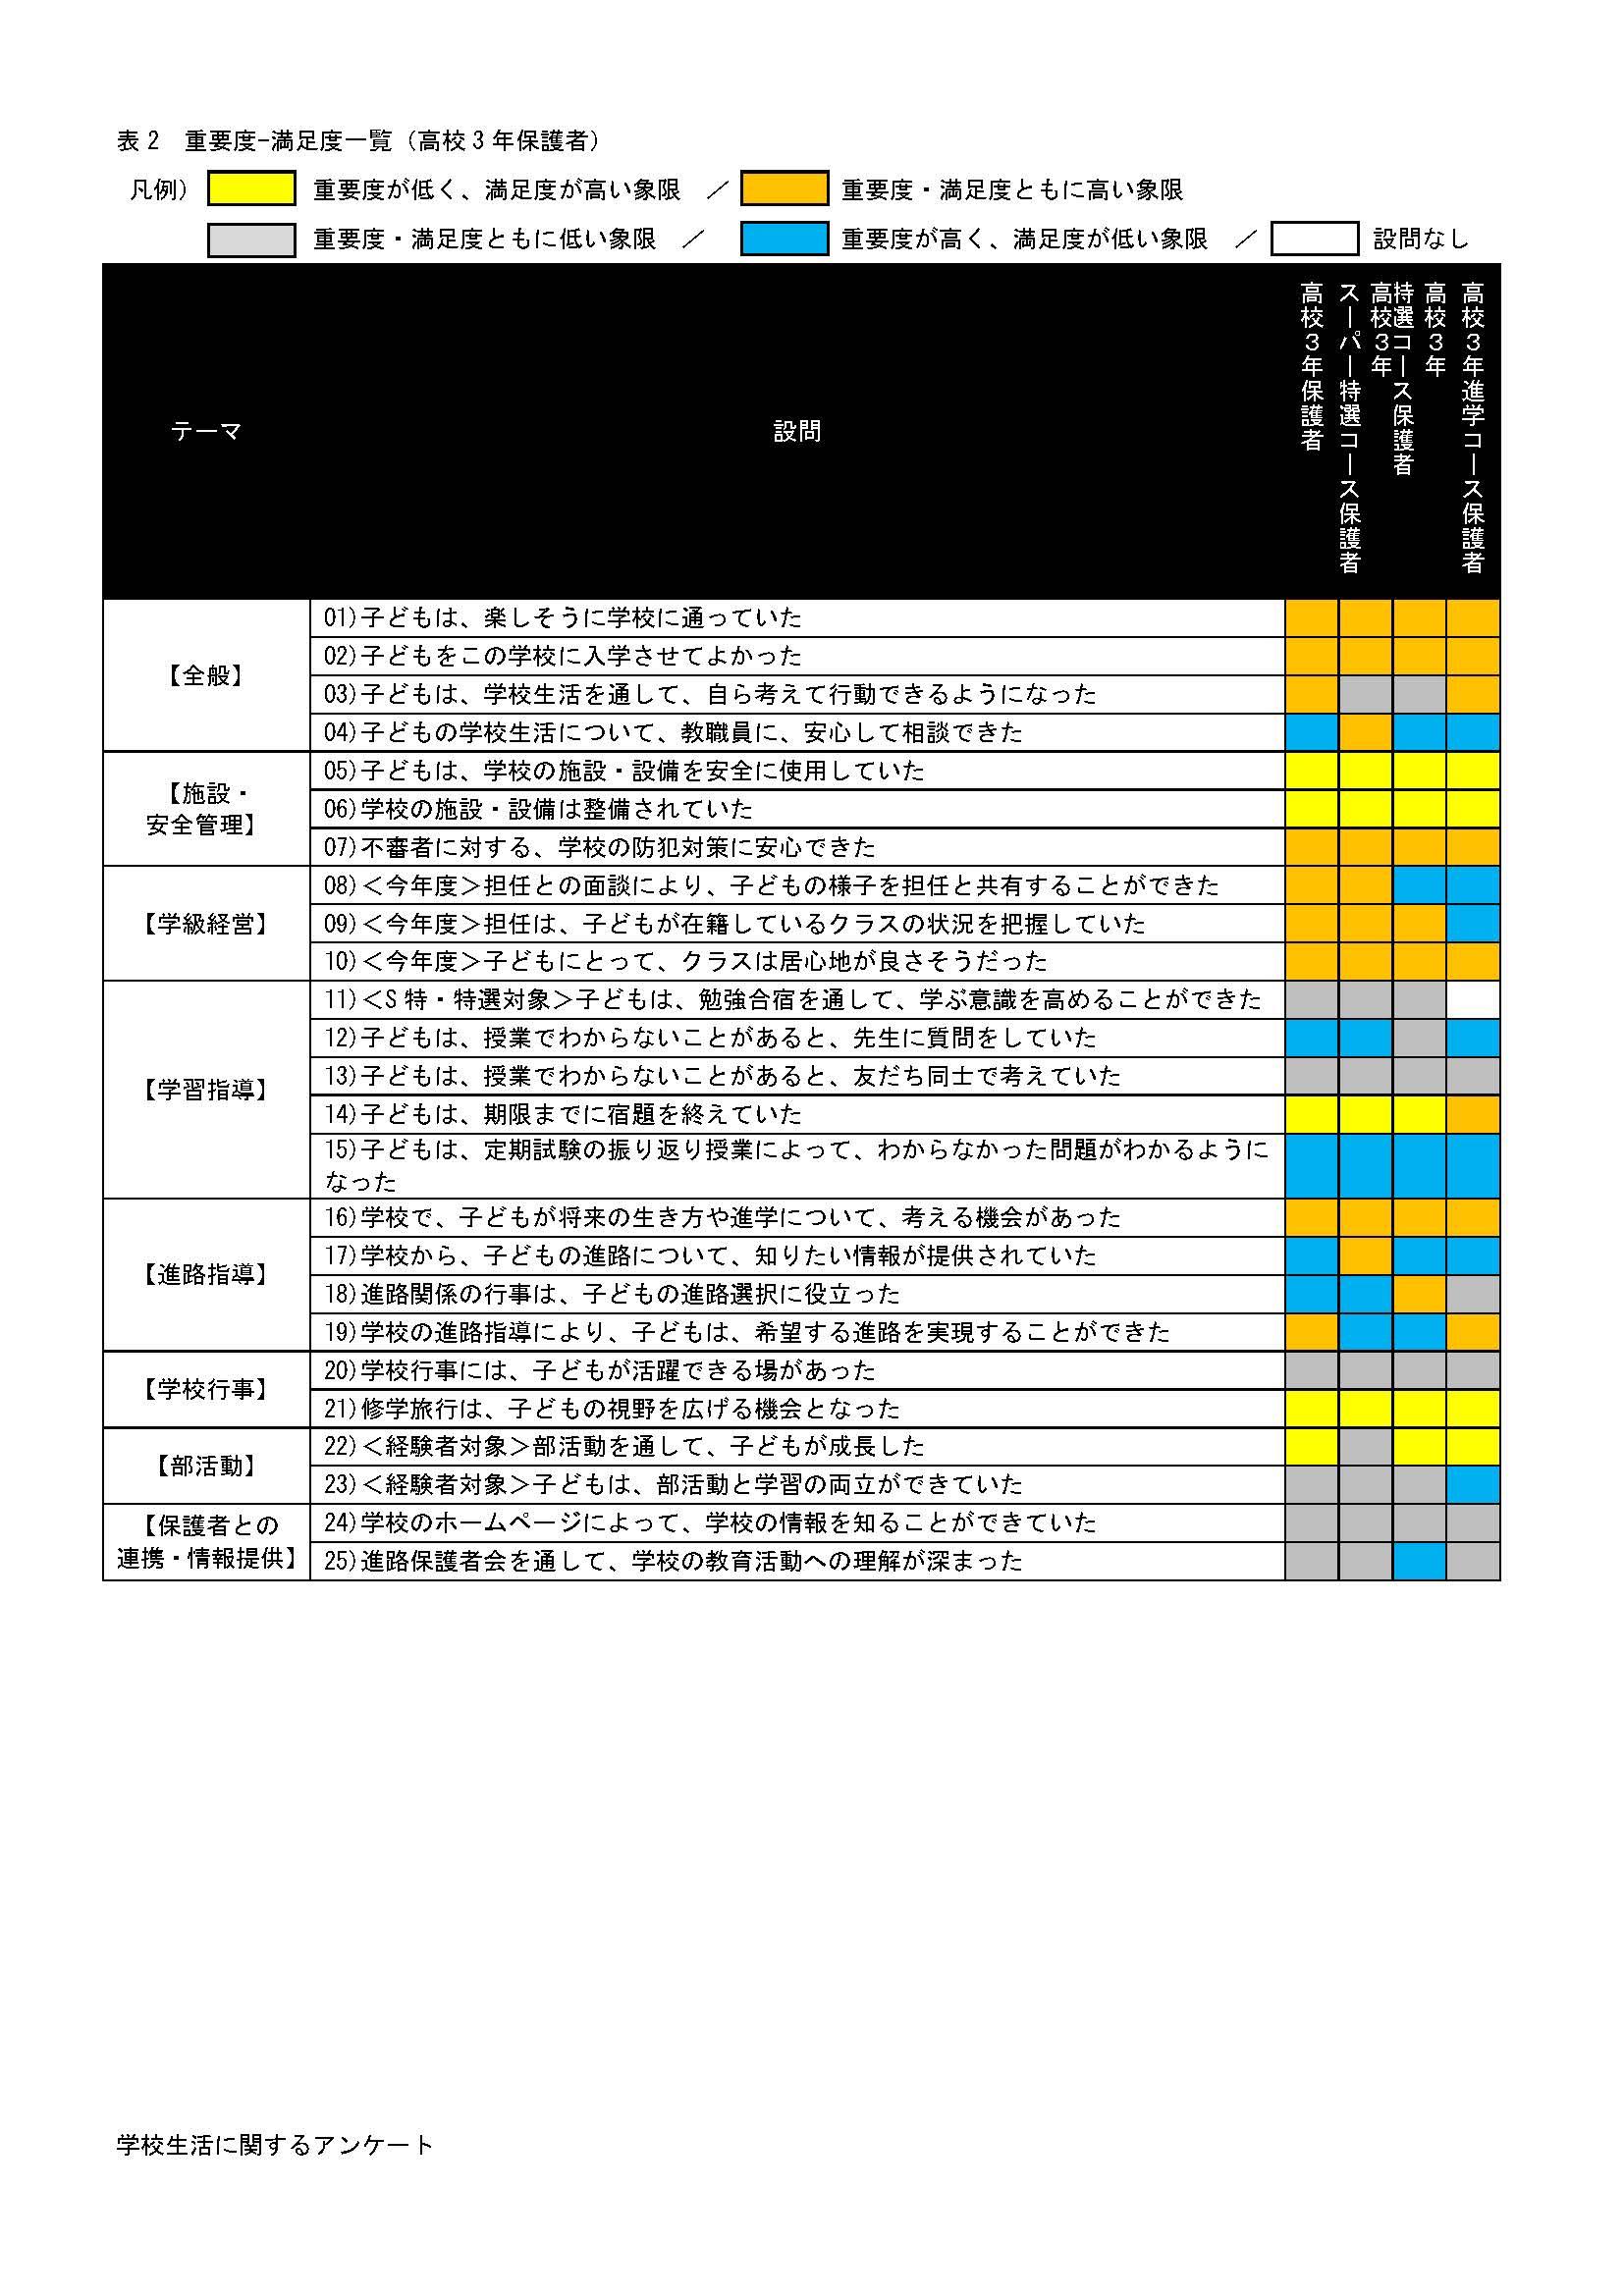 02調査結果サマリー_20160603_ページ_4